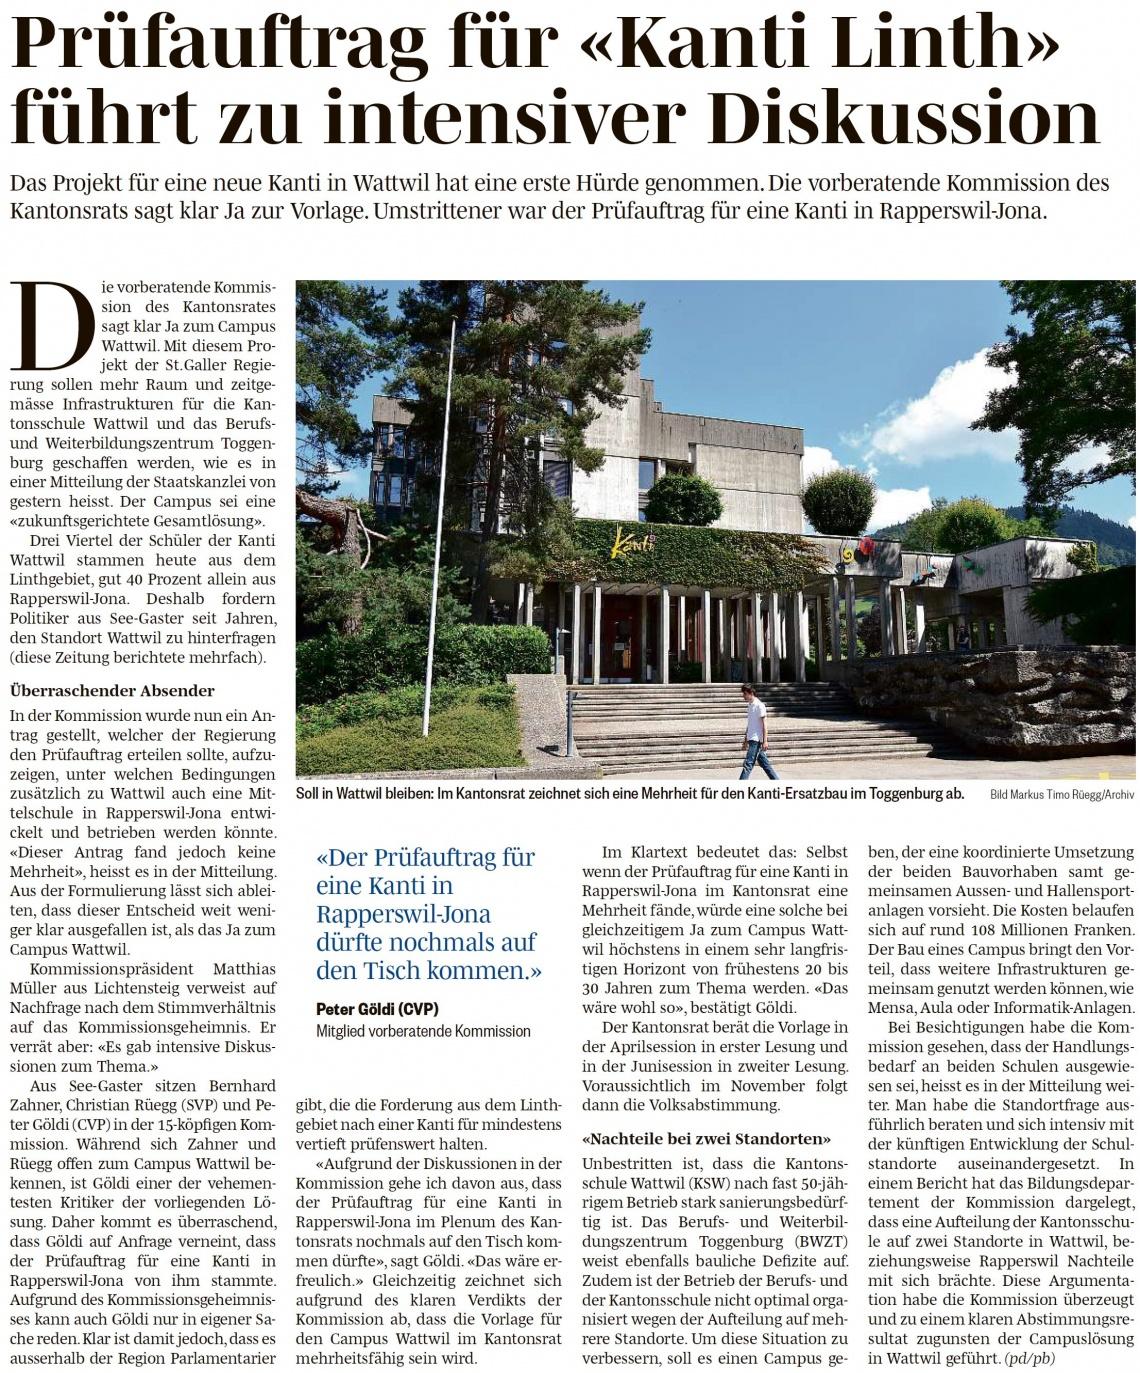 Prüfauftrag für «Kanti Linth» führt zu intensiver Diskussion (Freitag, 22.03.2019)